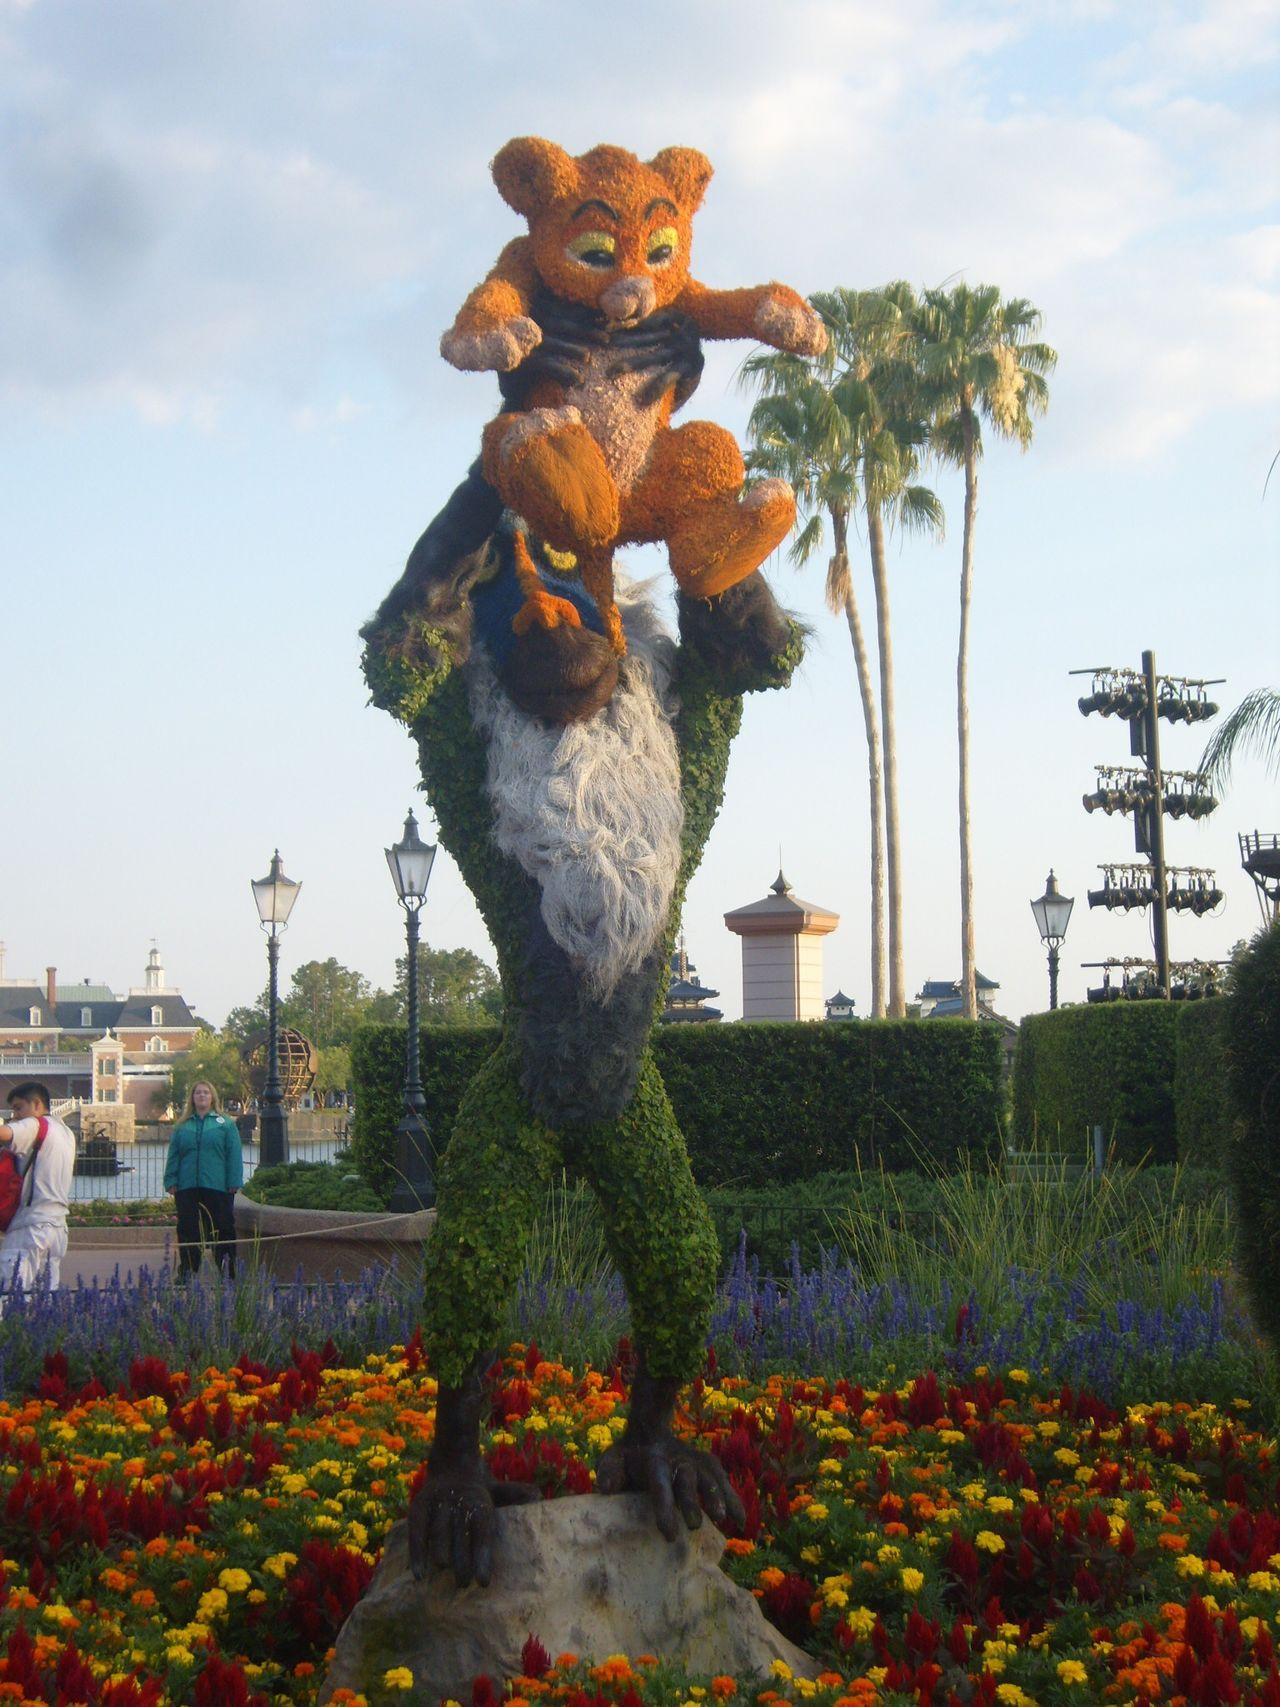 Disney Lionking Orlando Florida Epcot Taking Photos Check This Out Lion Simba Rafiki